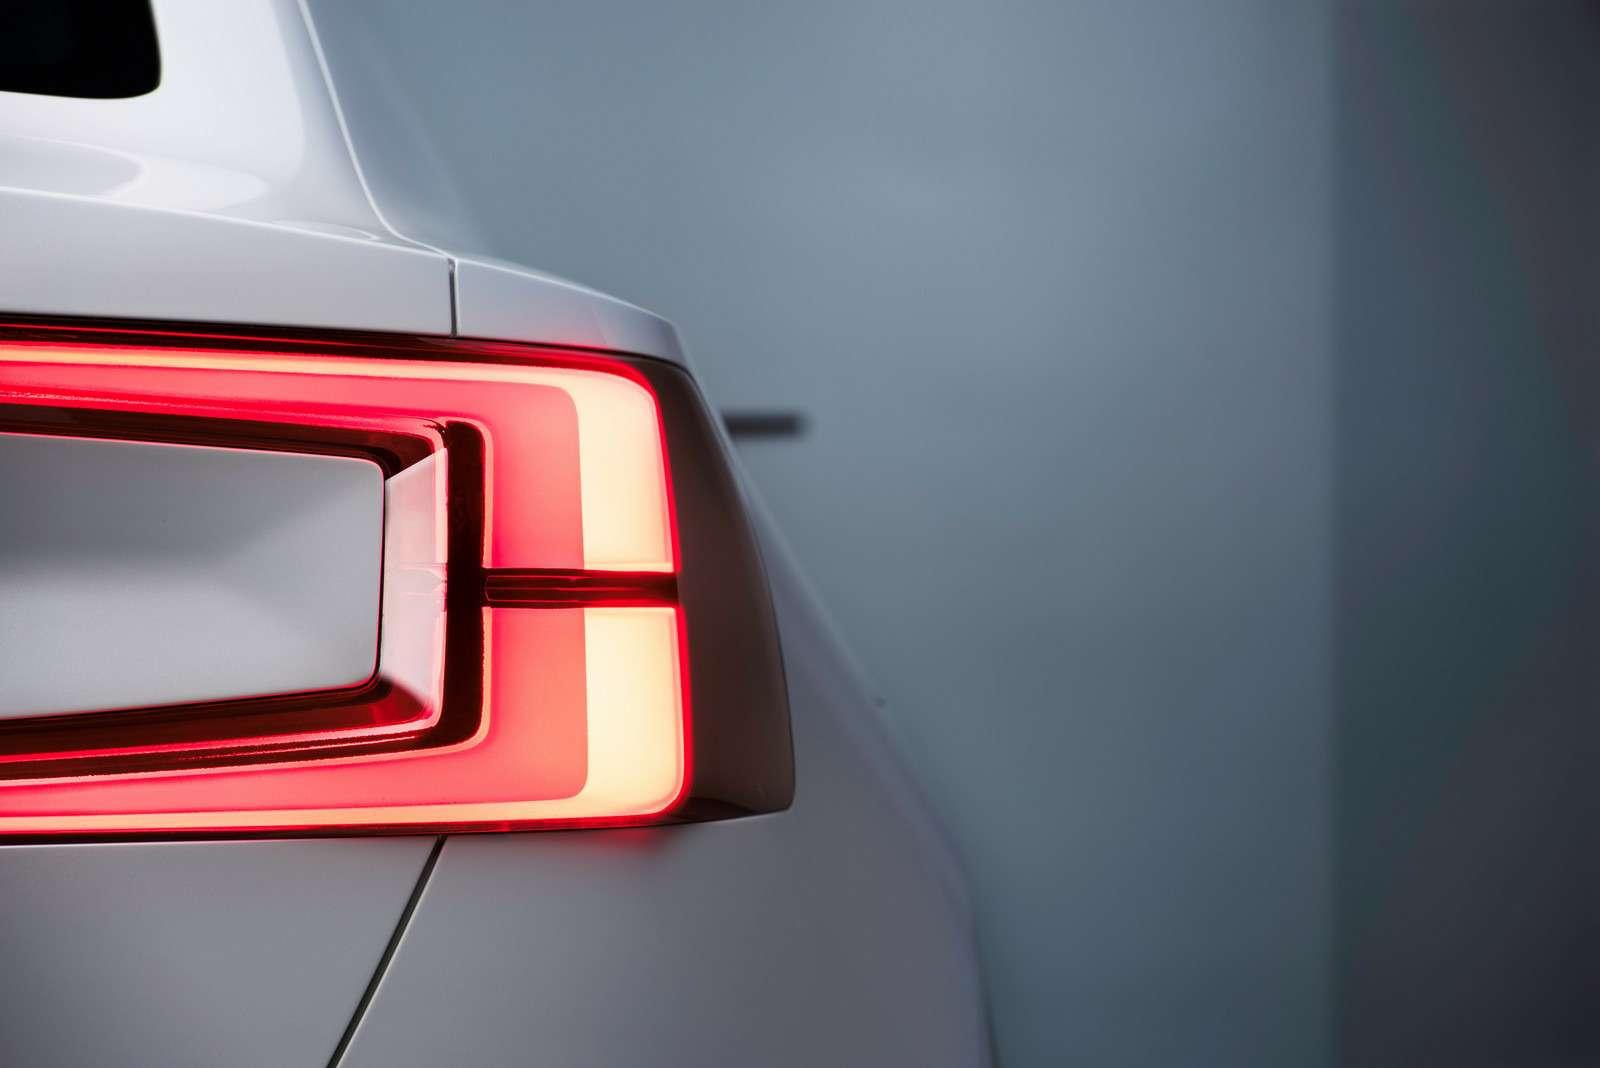 Двараза по40: Volvo анонсировала новое семейство концептуальным дублем— фото 588963